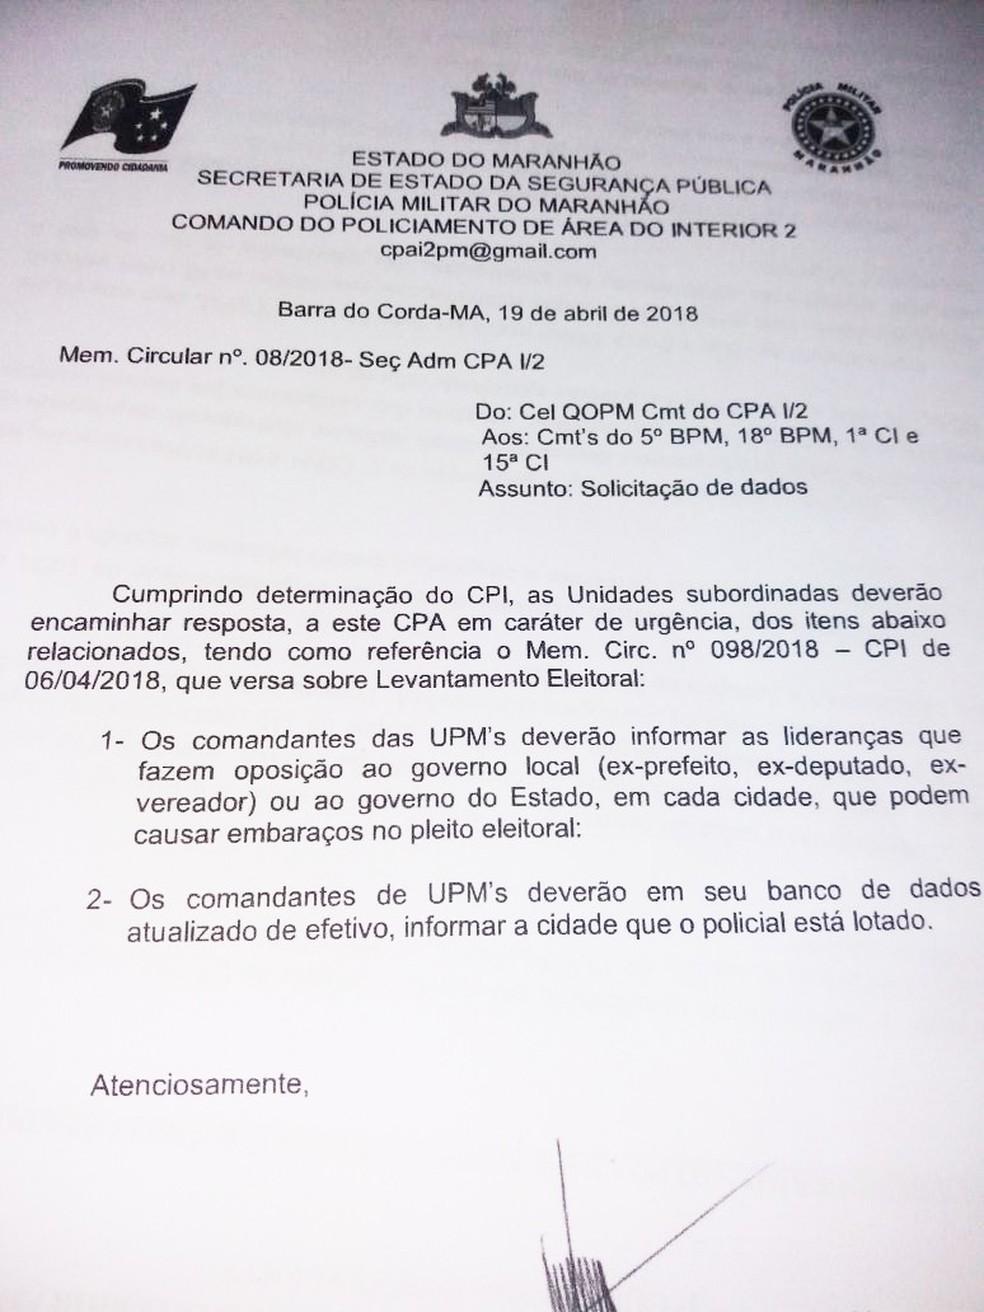 Ofício da Polícia Militar que motivou investigação interna na corporação no Maranhão (Foto: Divulgação / Polícia Militar)